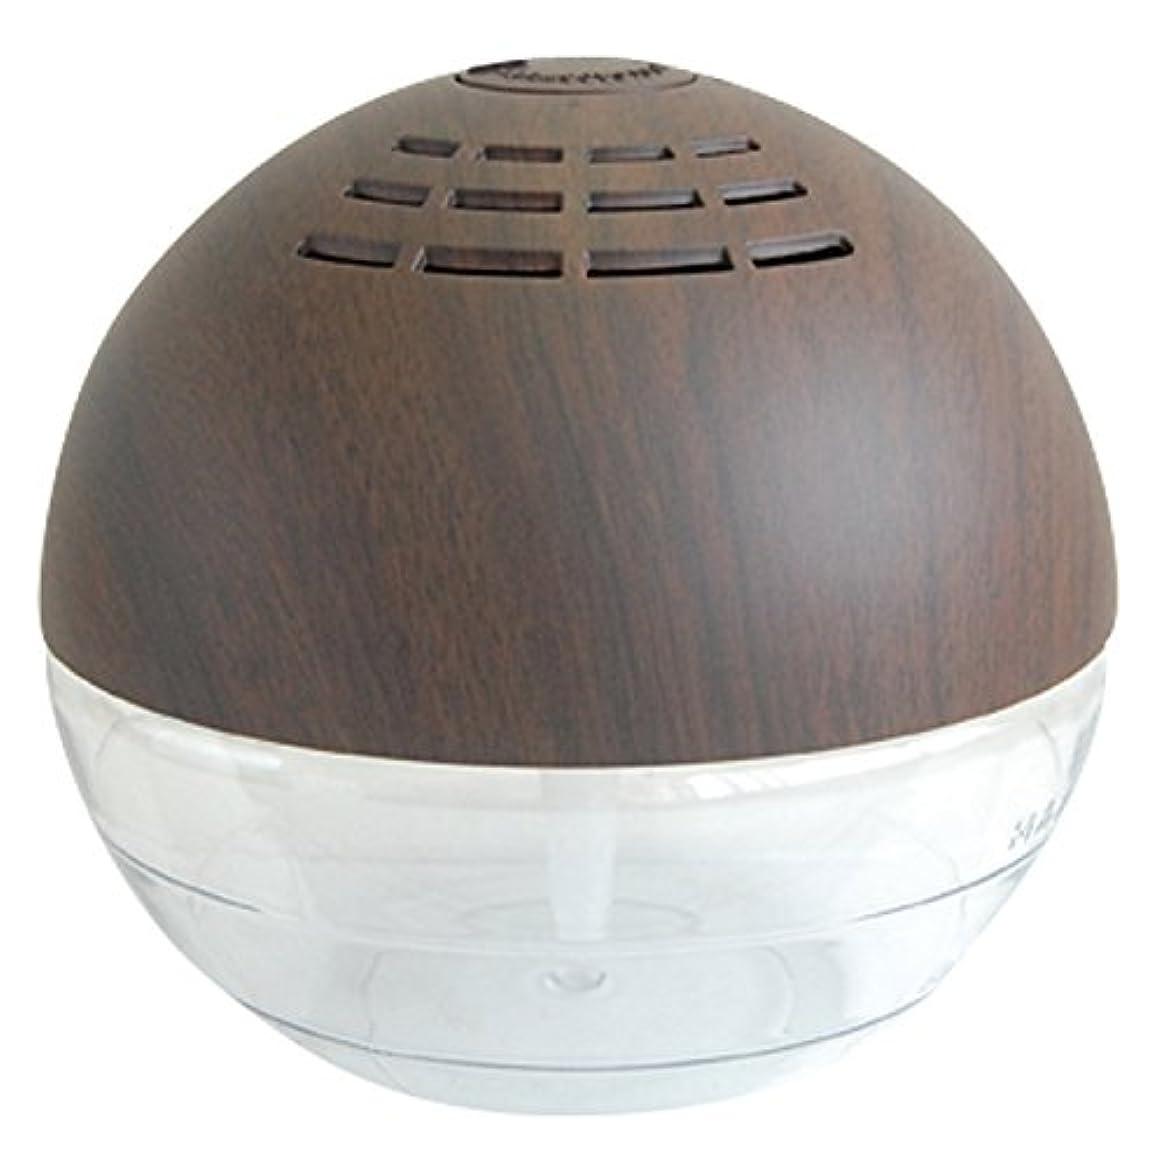 たくさんのボタン災難エアーフレッシュナ ウッディフィニッシュ マホガニー 空気清浄器 ナチュラル COCORO@modeウッドクラフト空気洗浄機